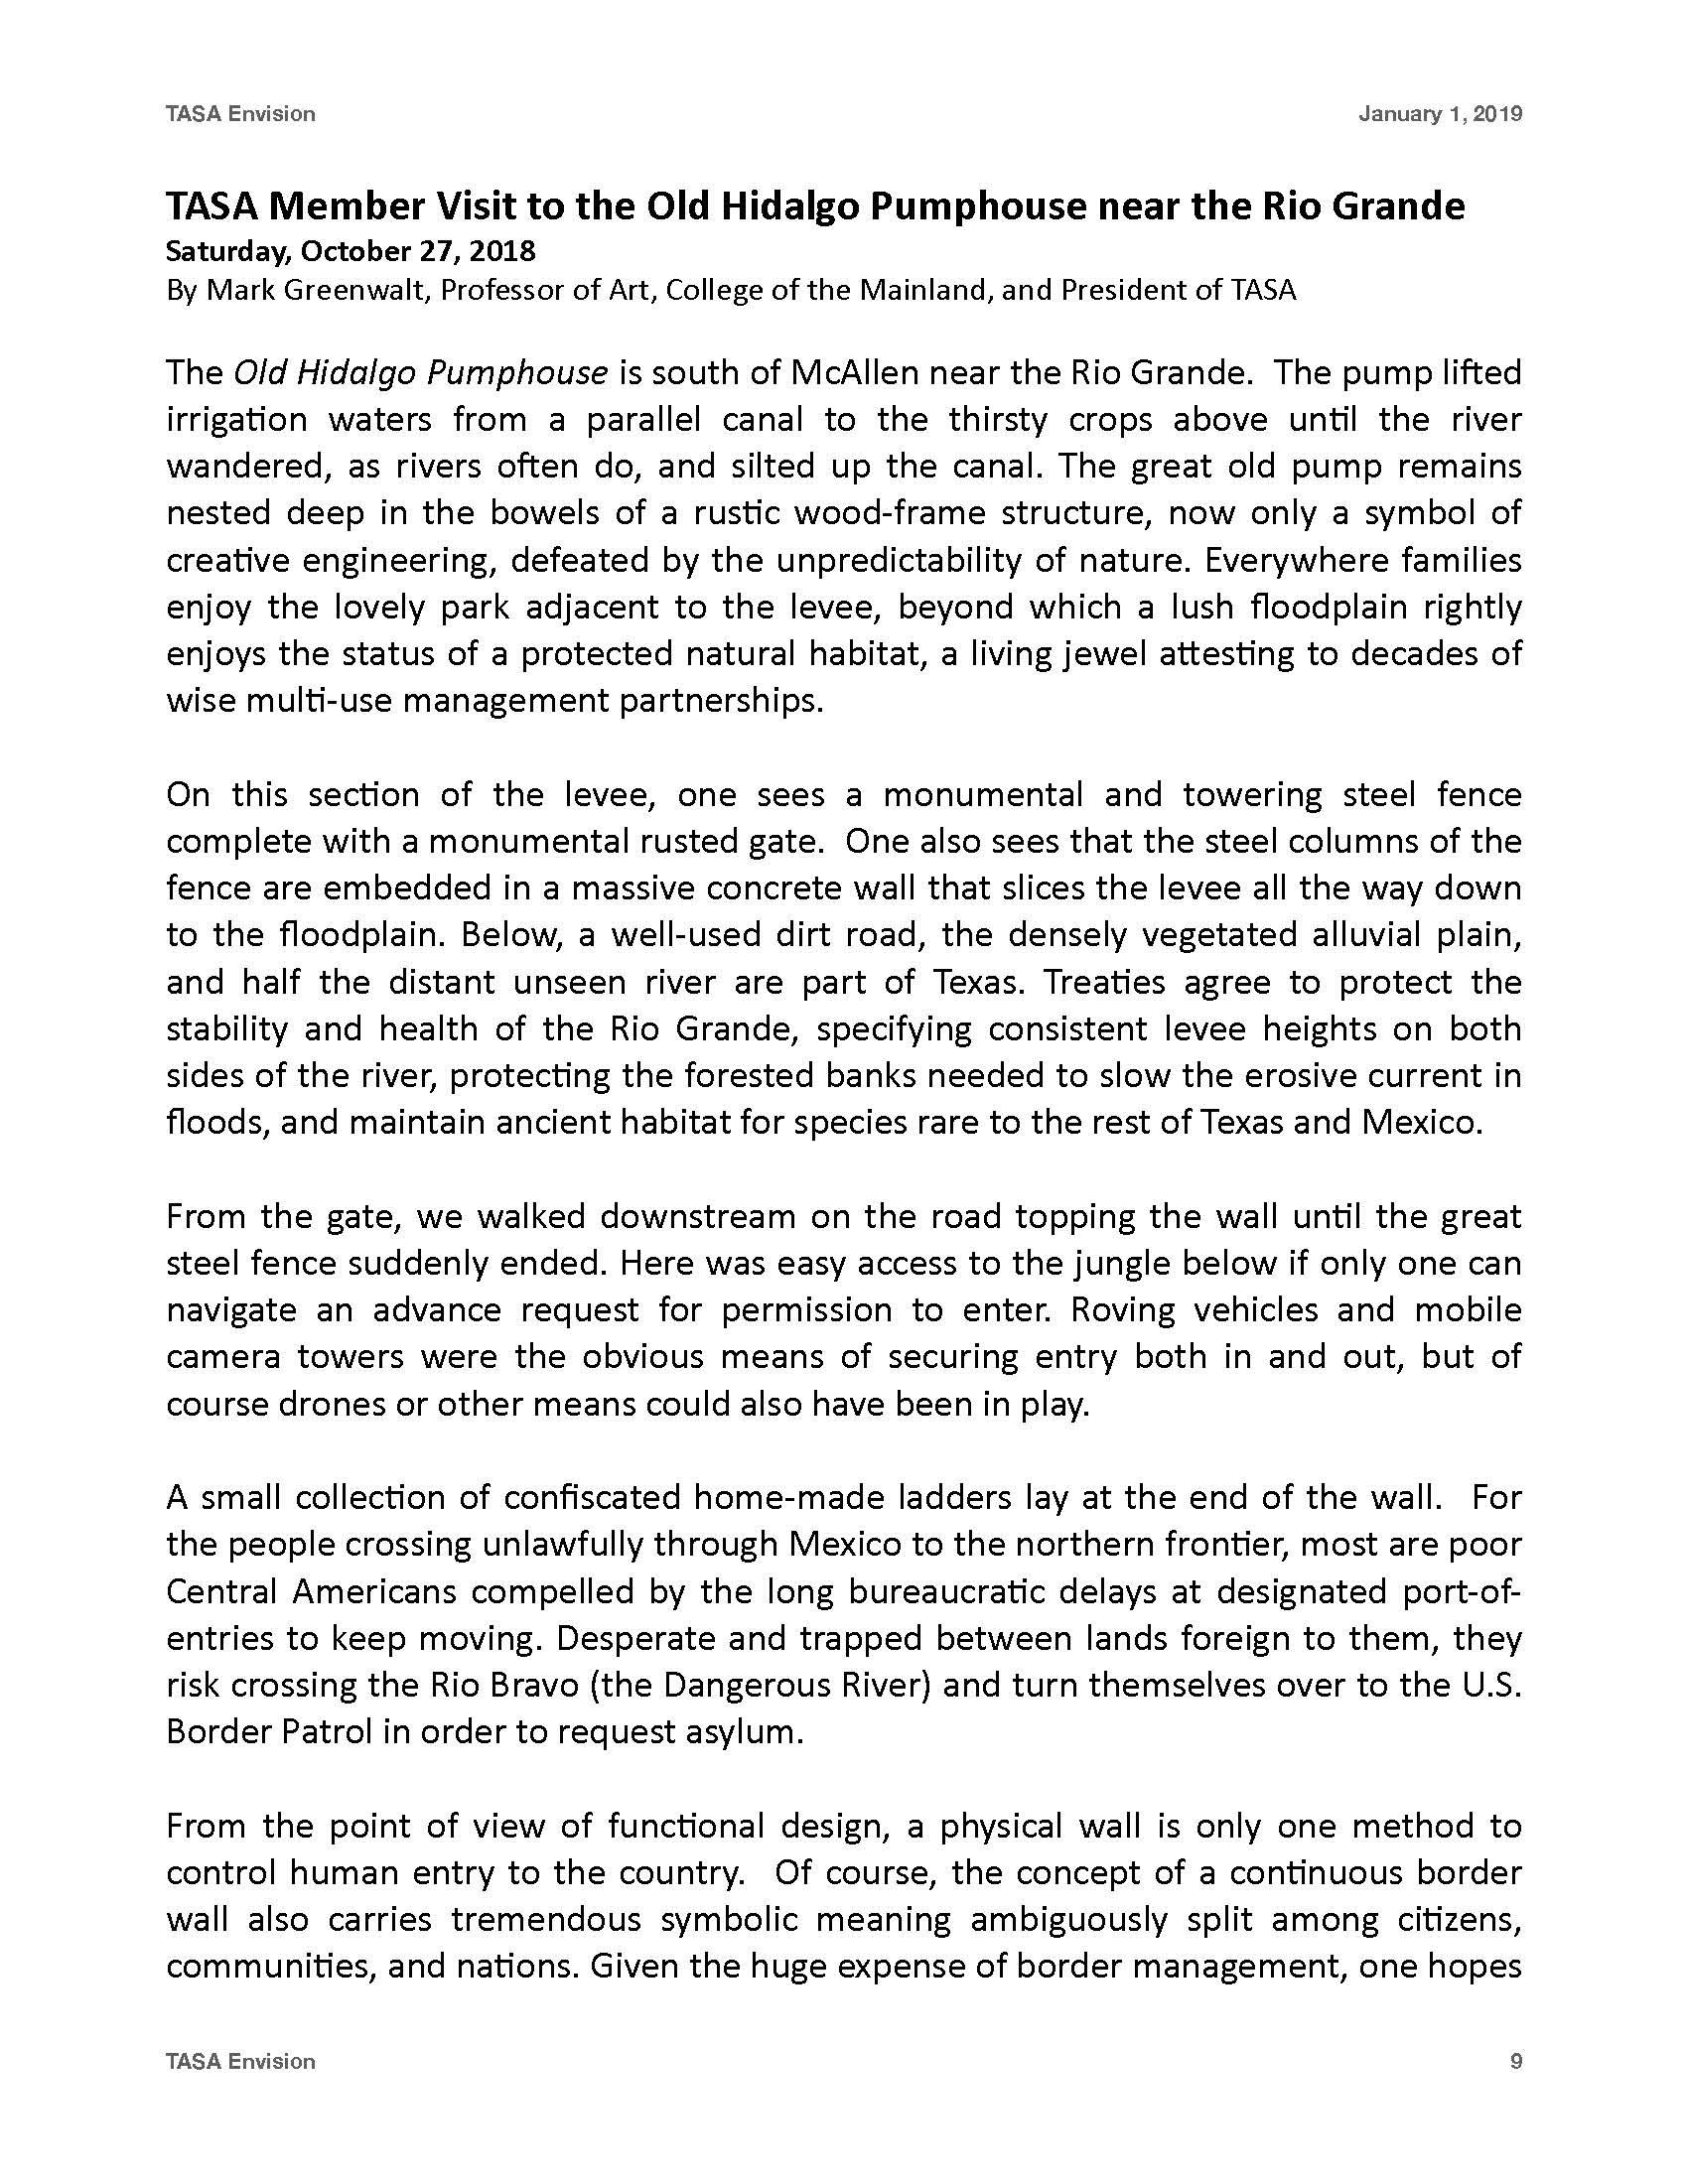 TASA newsletter 2018 McAllen (lower res)(1)_Page_09.jpg